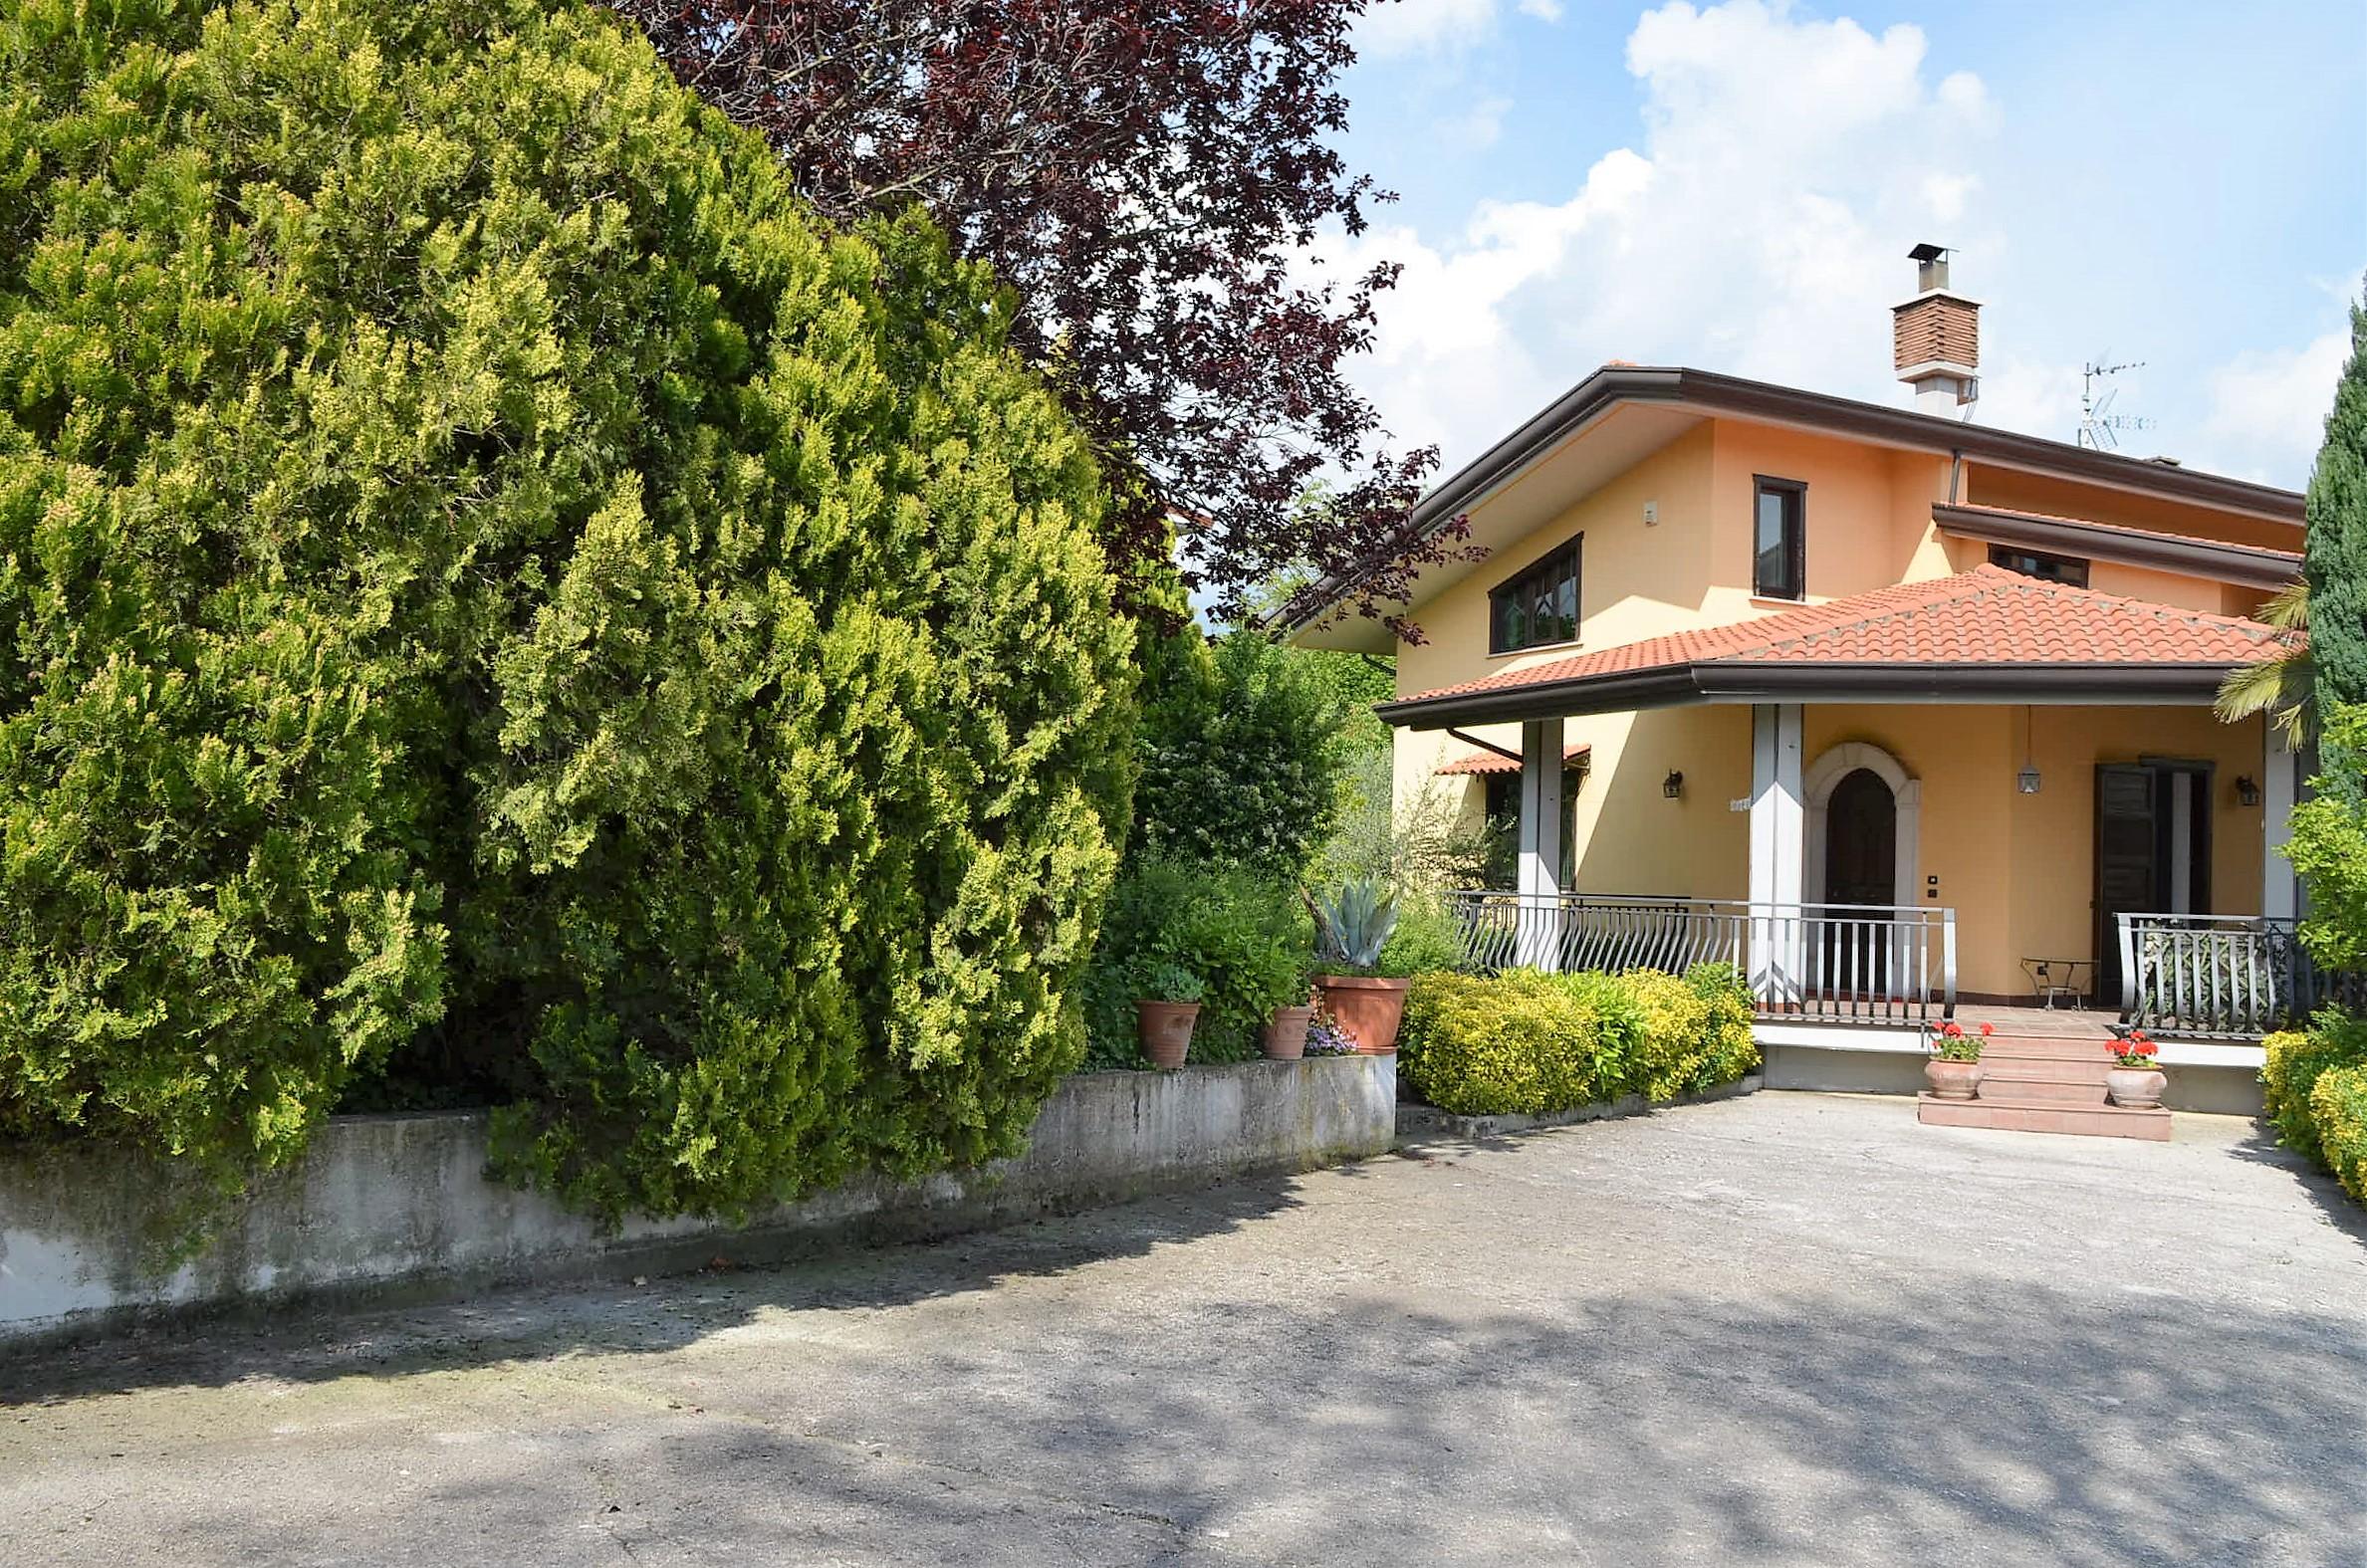 Villa indipendente con terreno di circa 2500 mq ad Alvanella